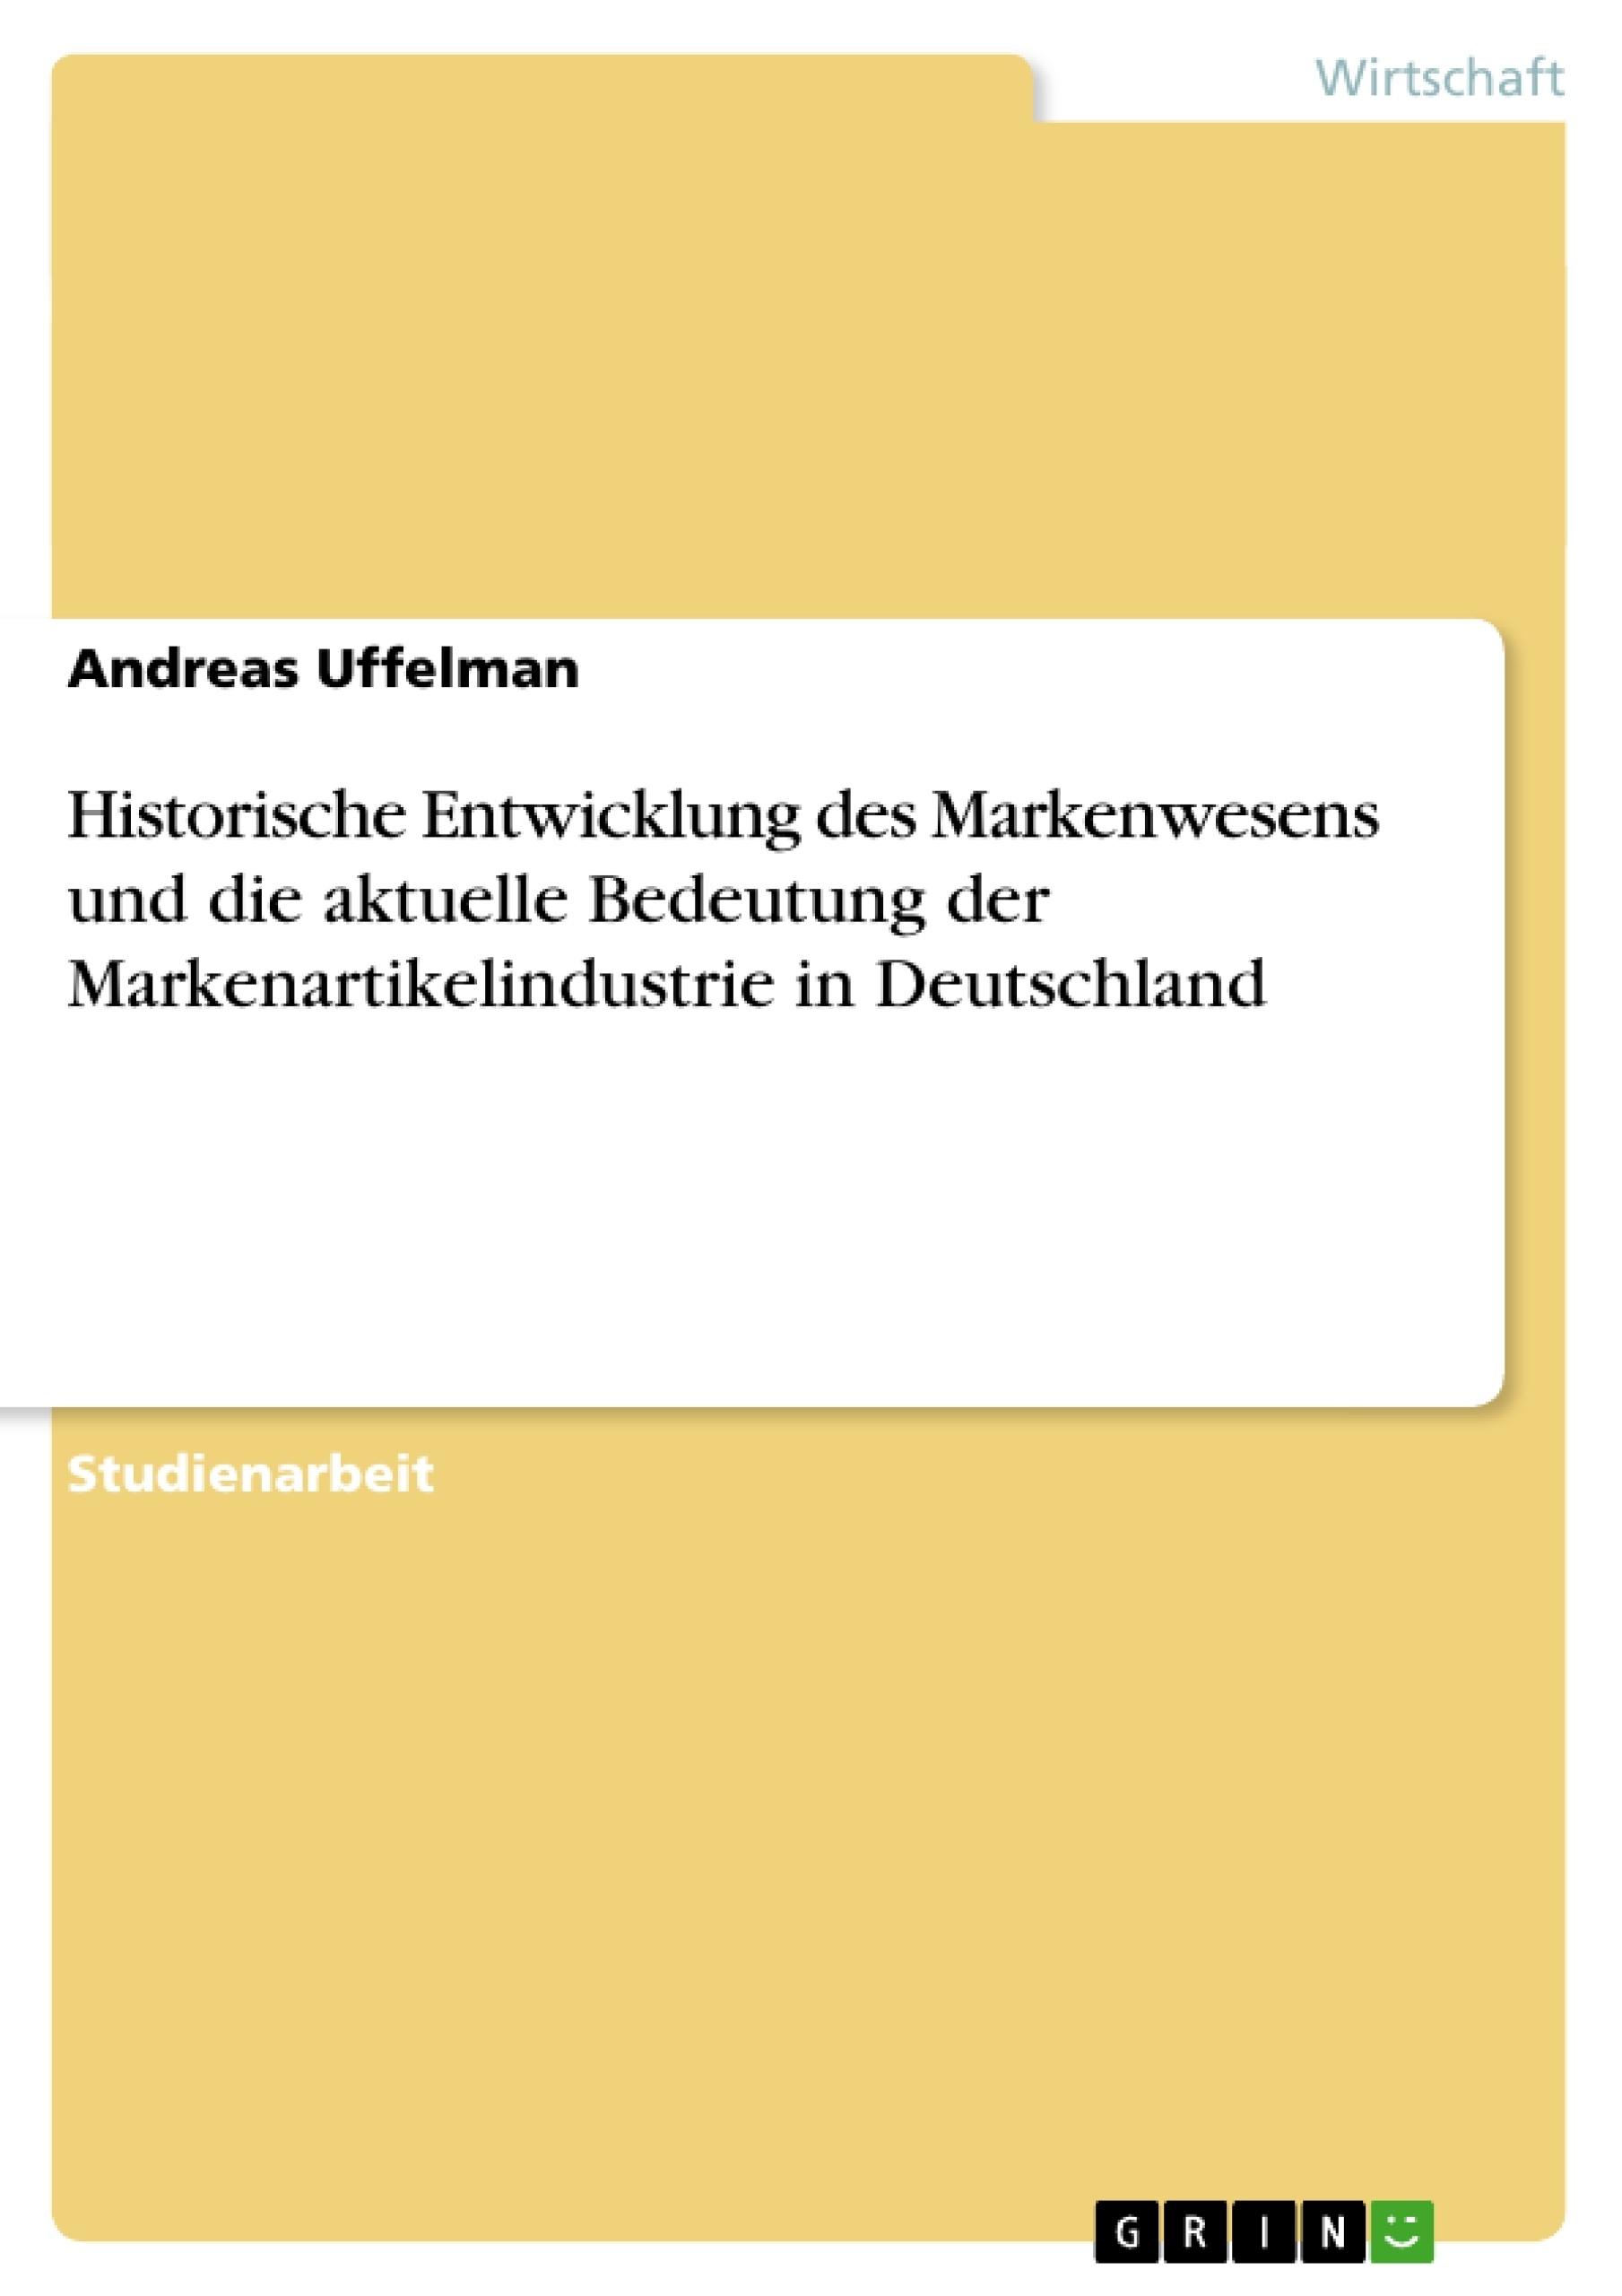 Titel: Historische Entwicklung des Markenwesens und die aktuelle Bedeutung der Markenartikelindustrie in Deutschland